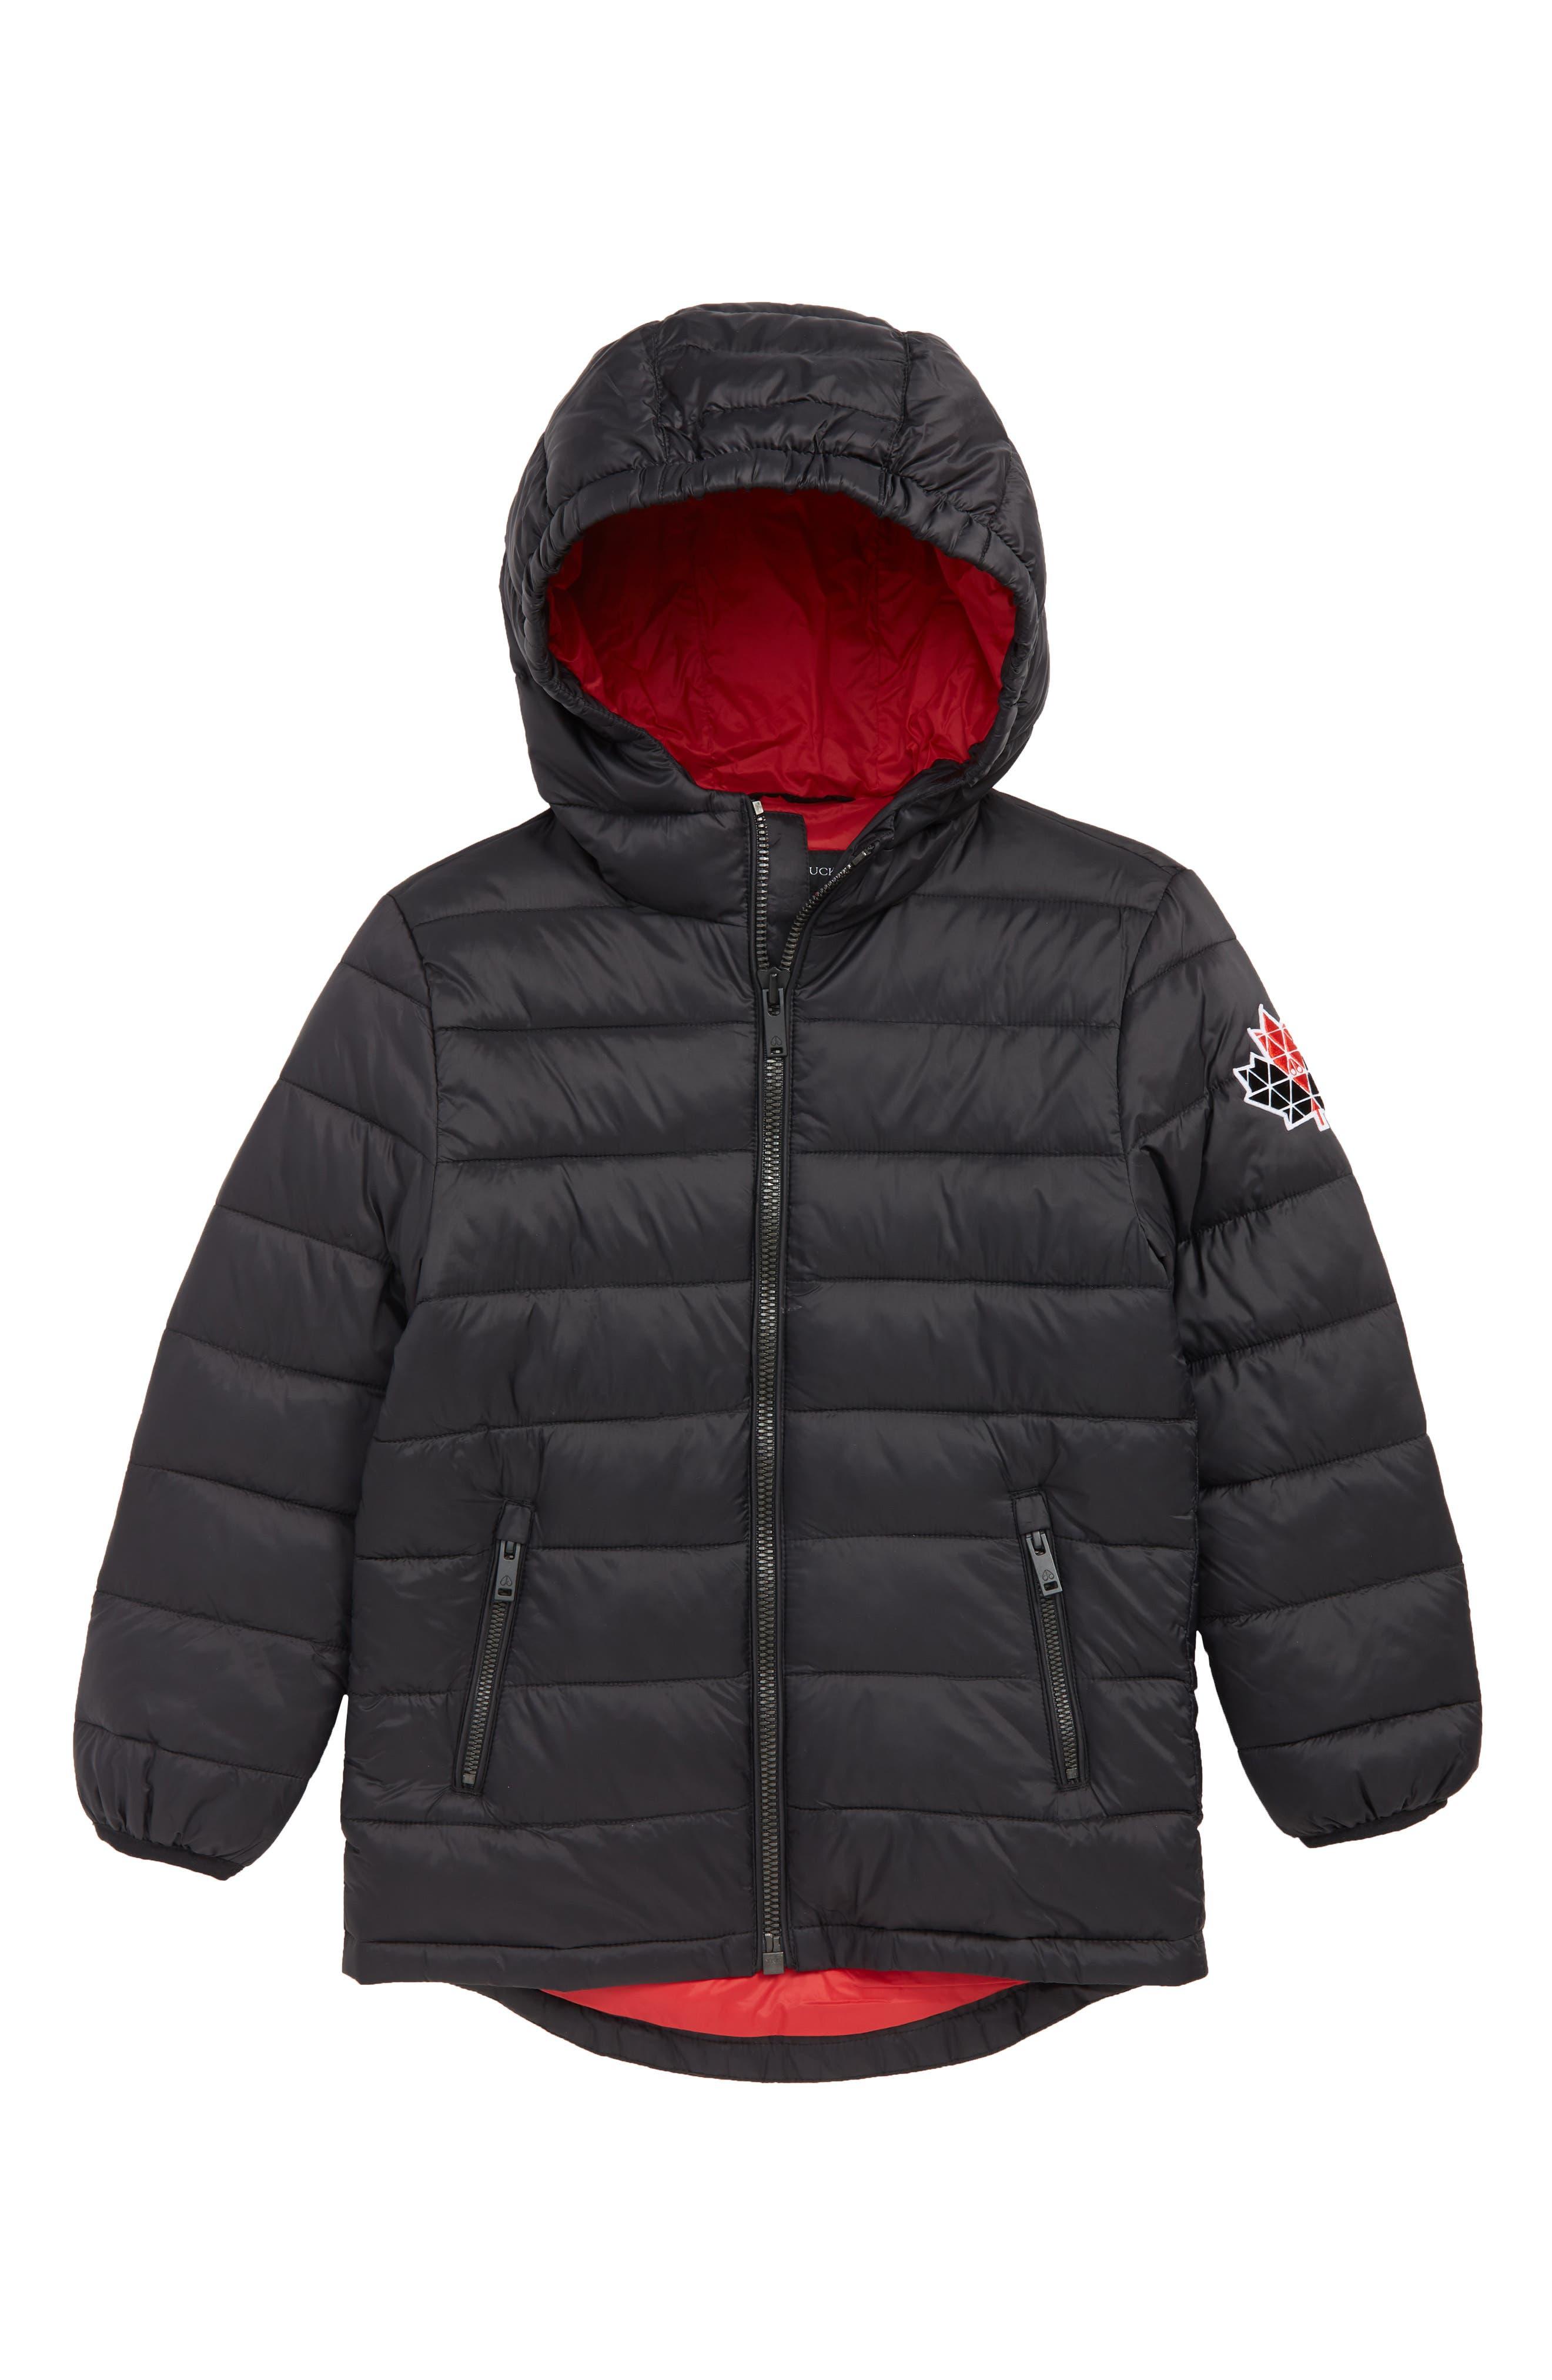 MOOSE KNUCKLES, Acadie Hooded Jacket, Main thumbnail 1, color, BLACK